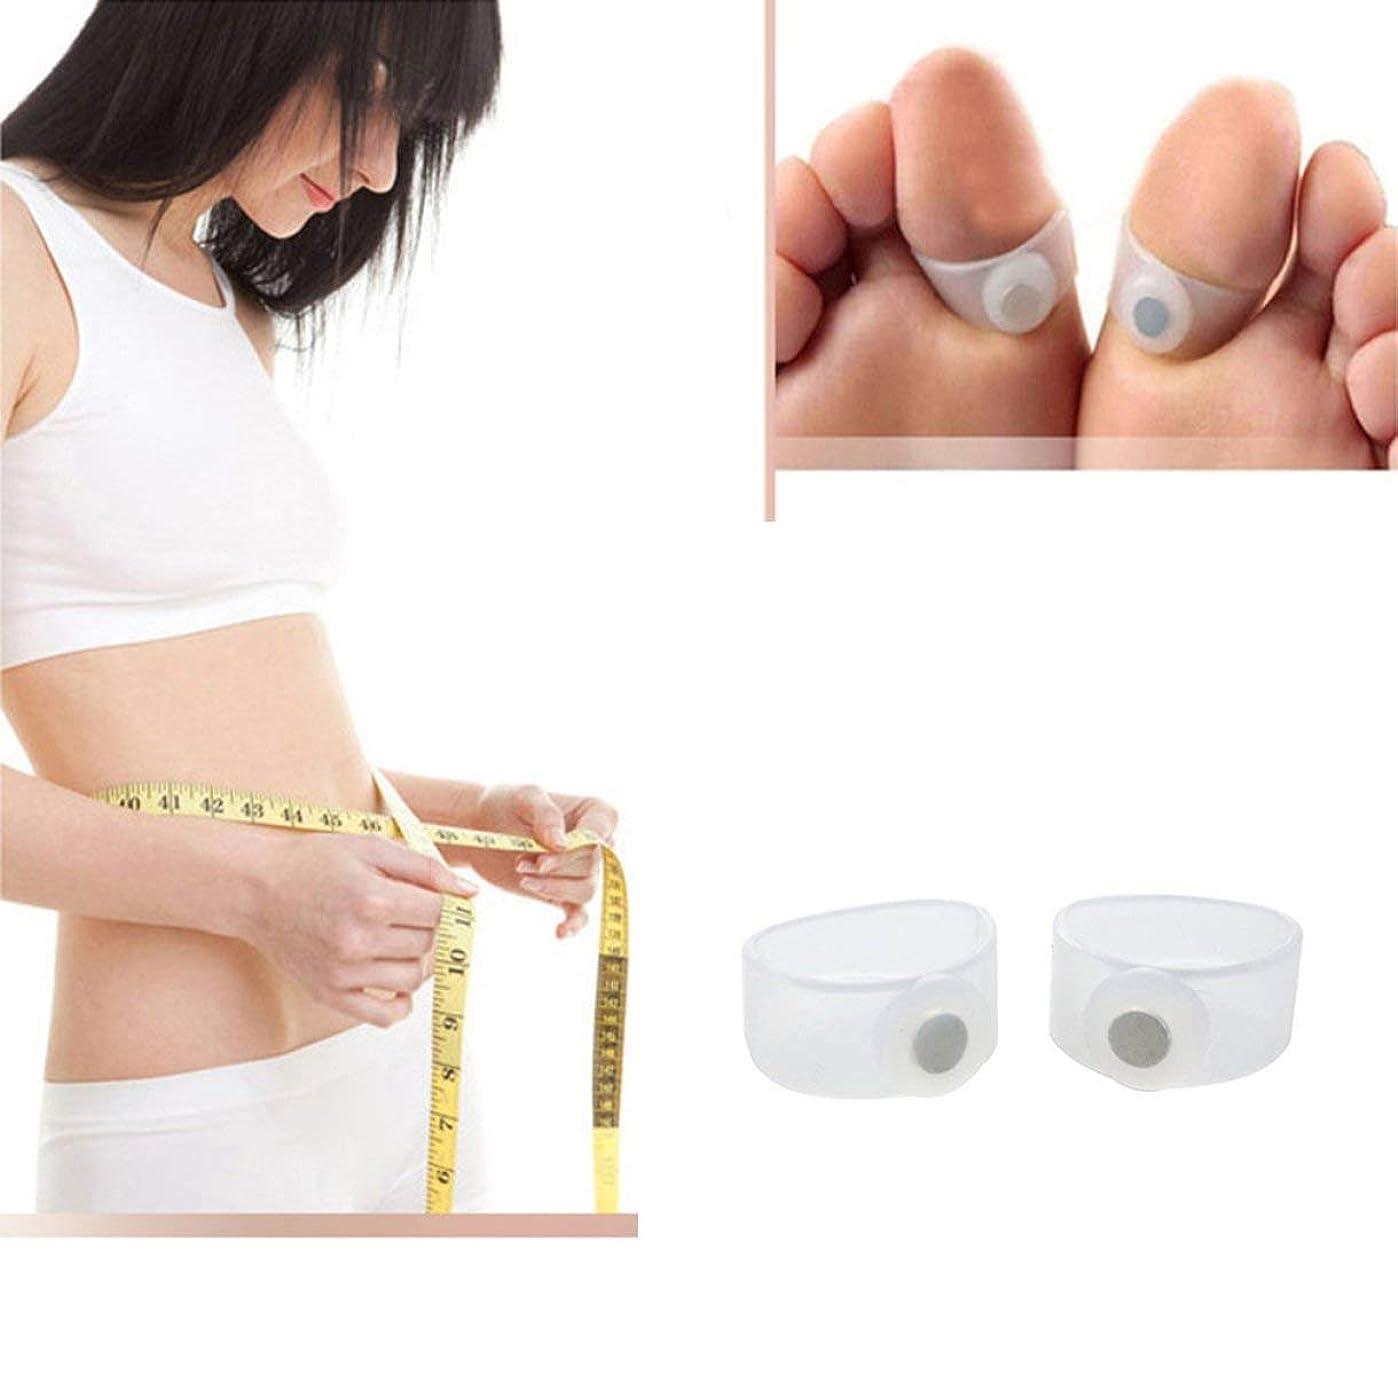 温度計赤道引き出し痩身シリコン磁気フットマッサージャーマッサージリラックスつま先リング減量健康ツール美容製品